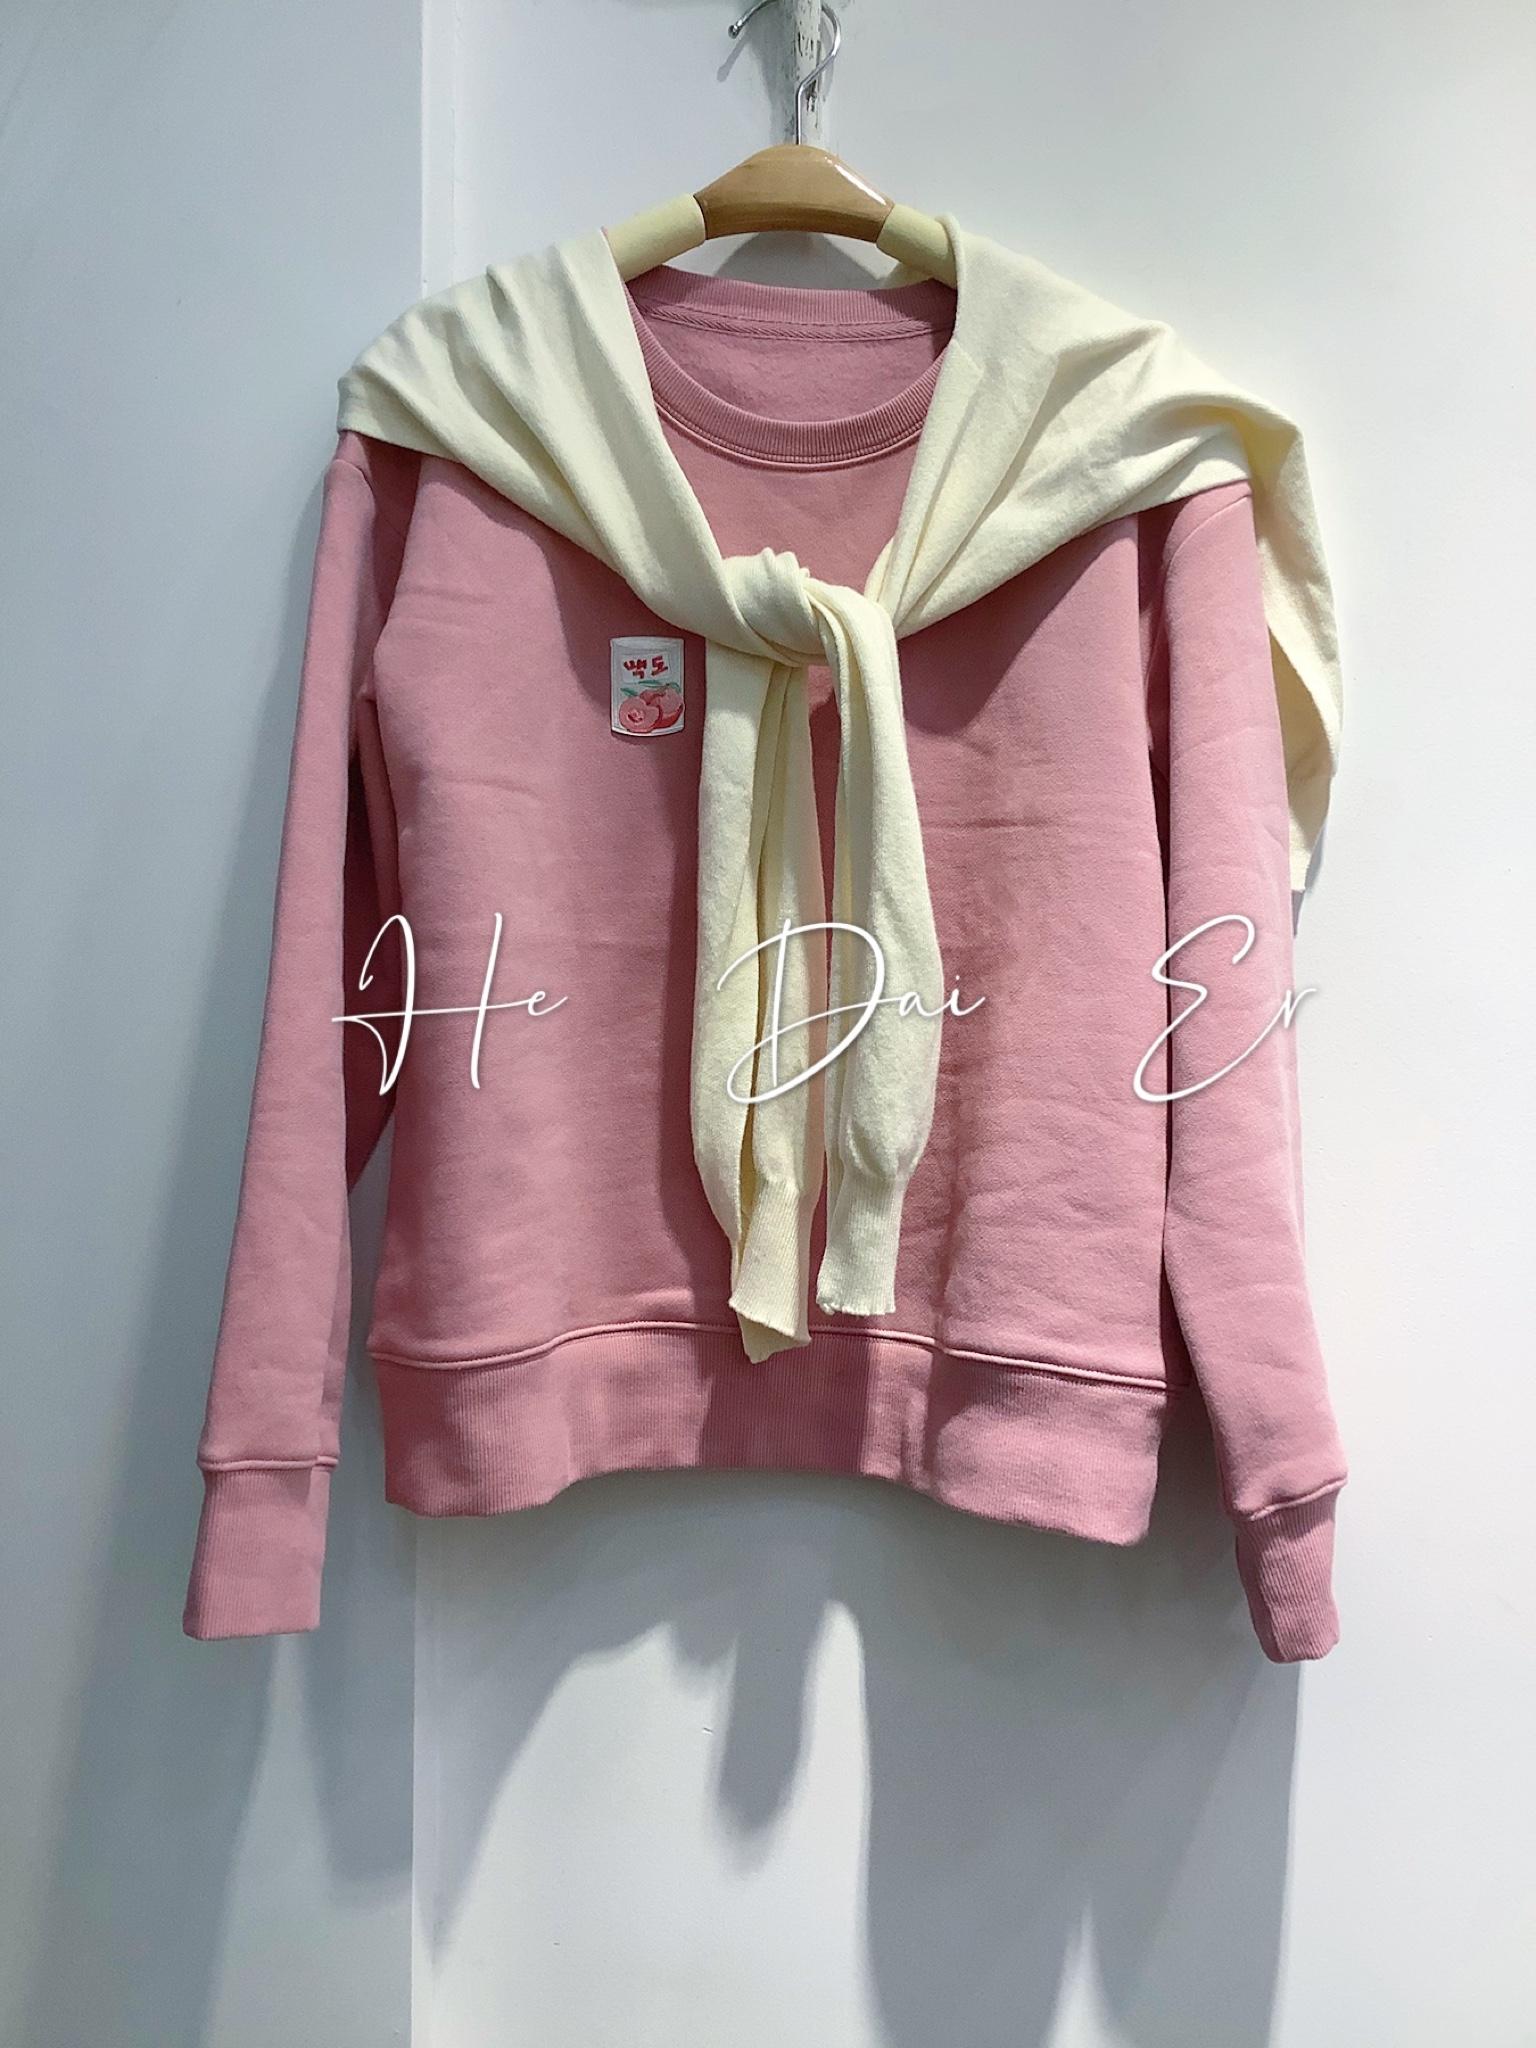 粉红色卫衣 2020秋冬新款修身韩版显瘦粉红色磨绒卫衣小个子女生卫衣学生卫衣_推荐淘宝好看的粉红色卫衣